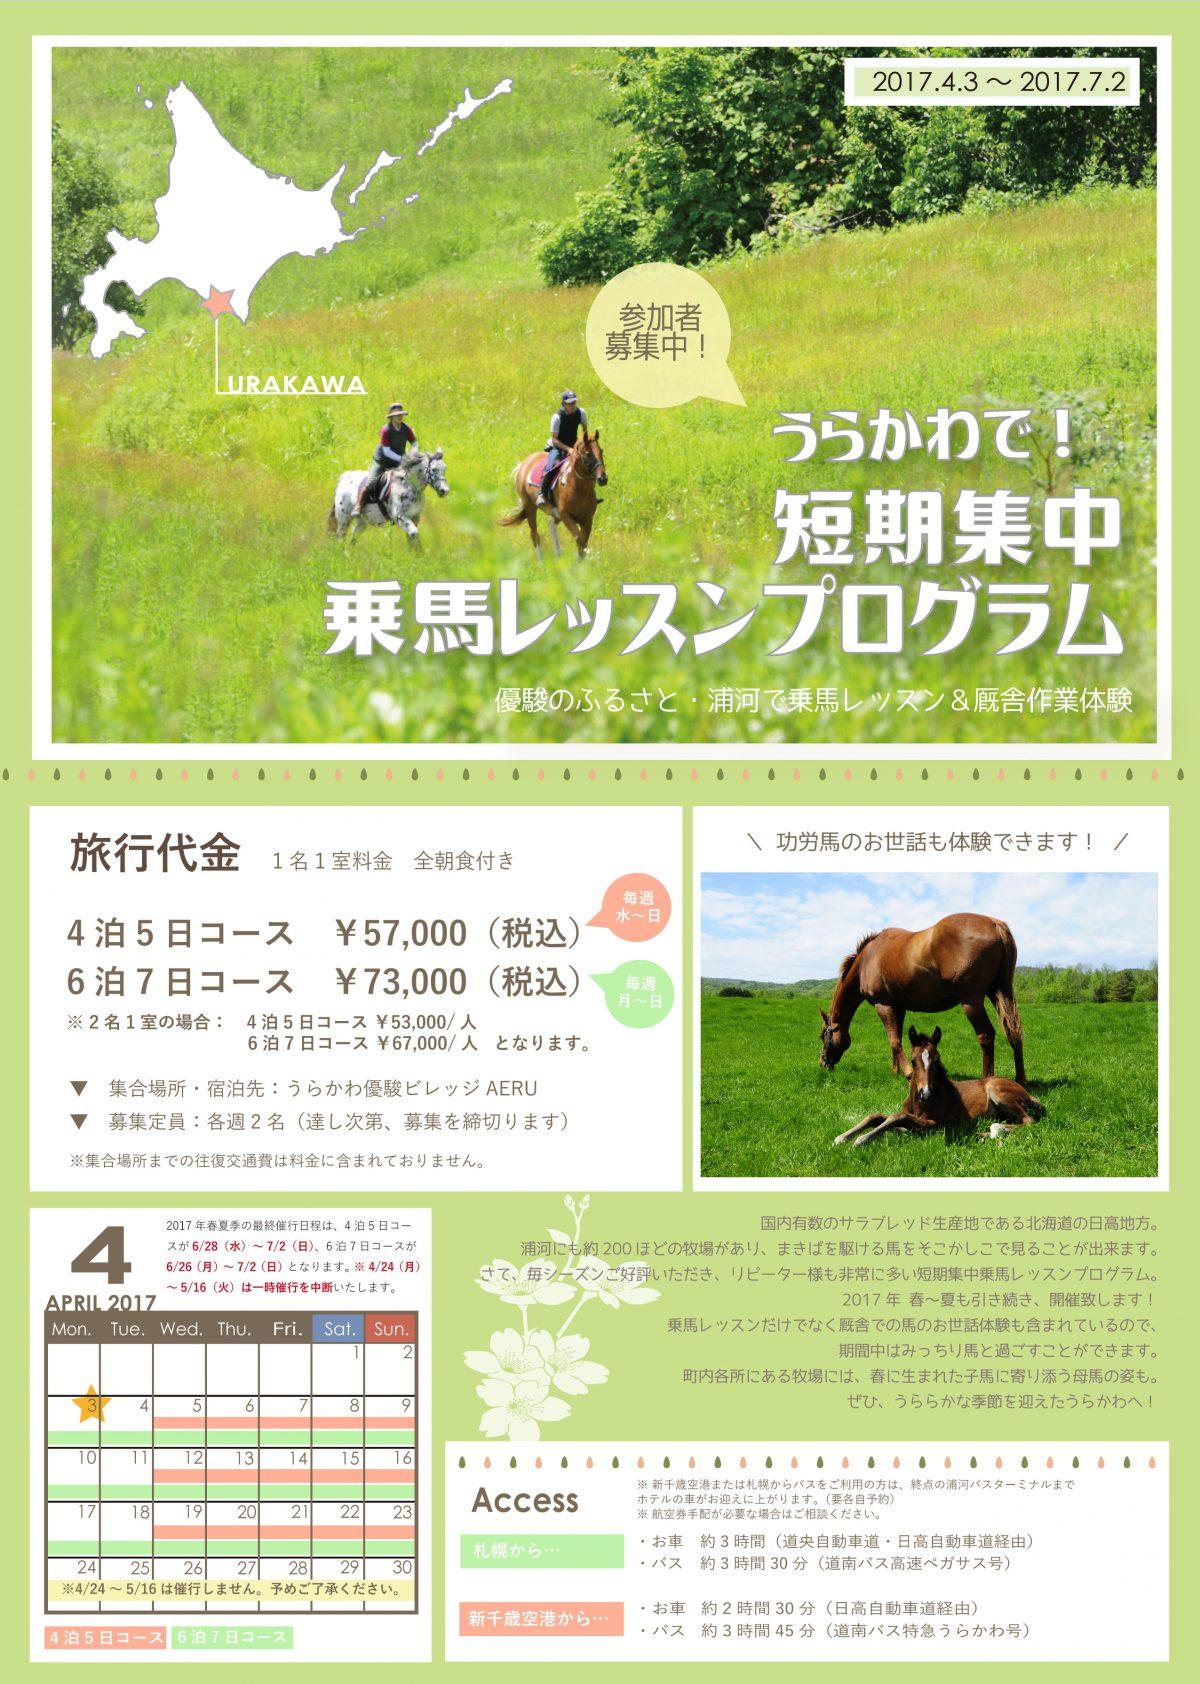 2017年春夏・うらかわで短期集中乗馬レッスンプログラム 参加者募集中!